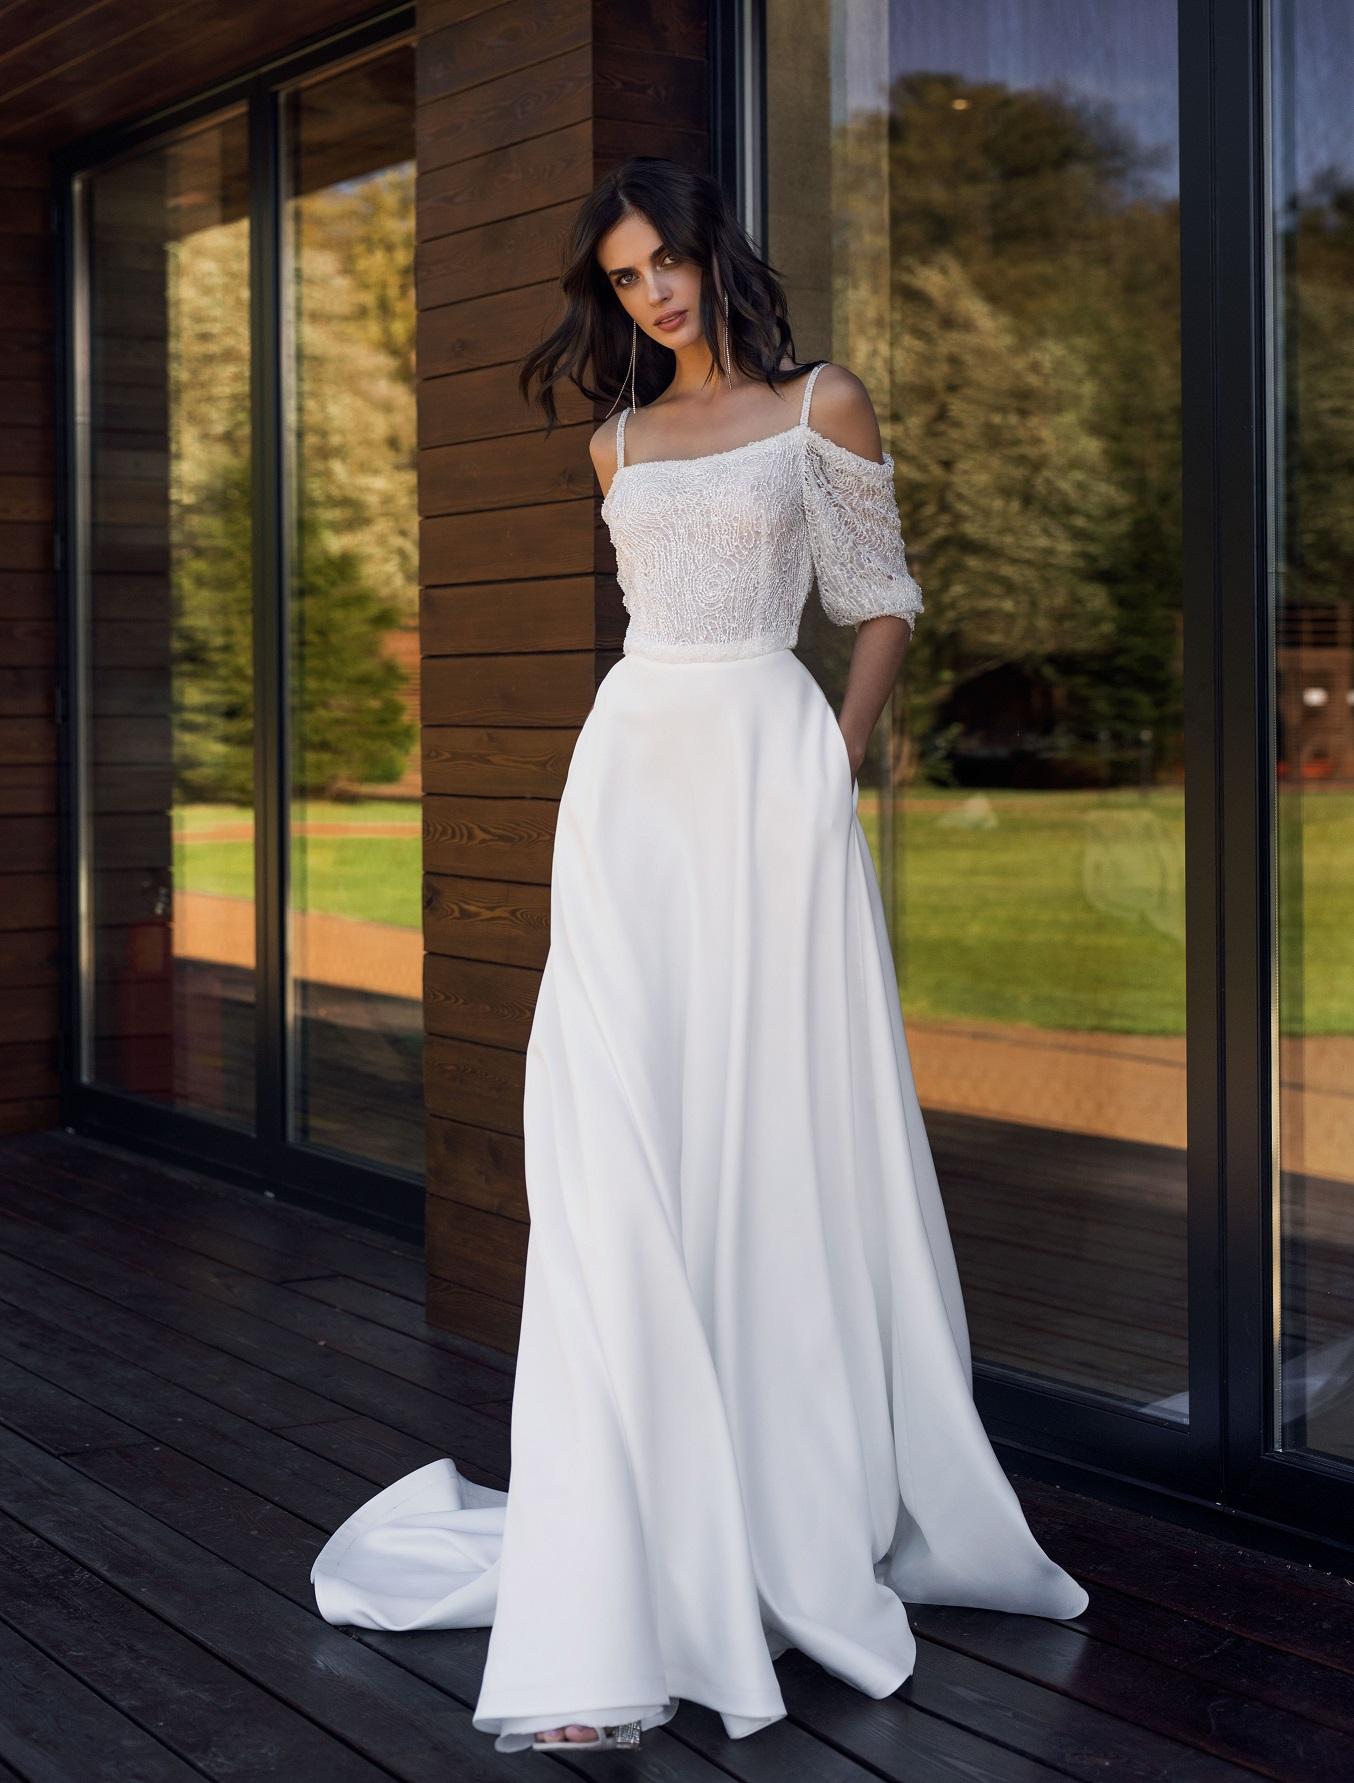 Красивые свадебные платья 2019 фото новинки, воздушным